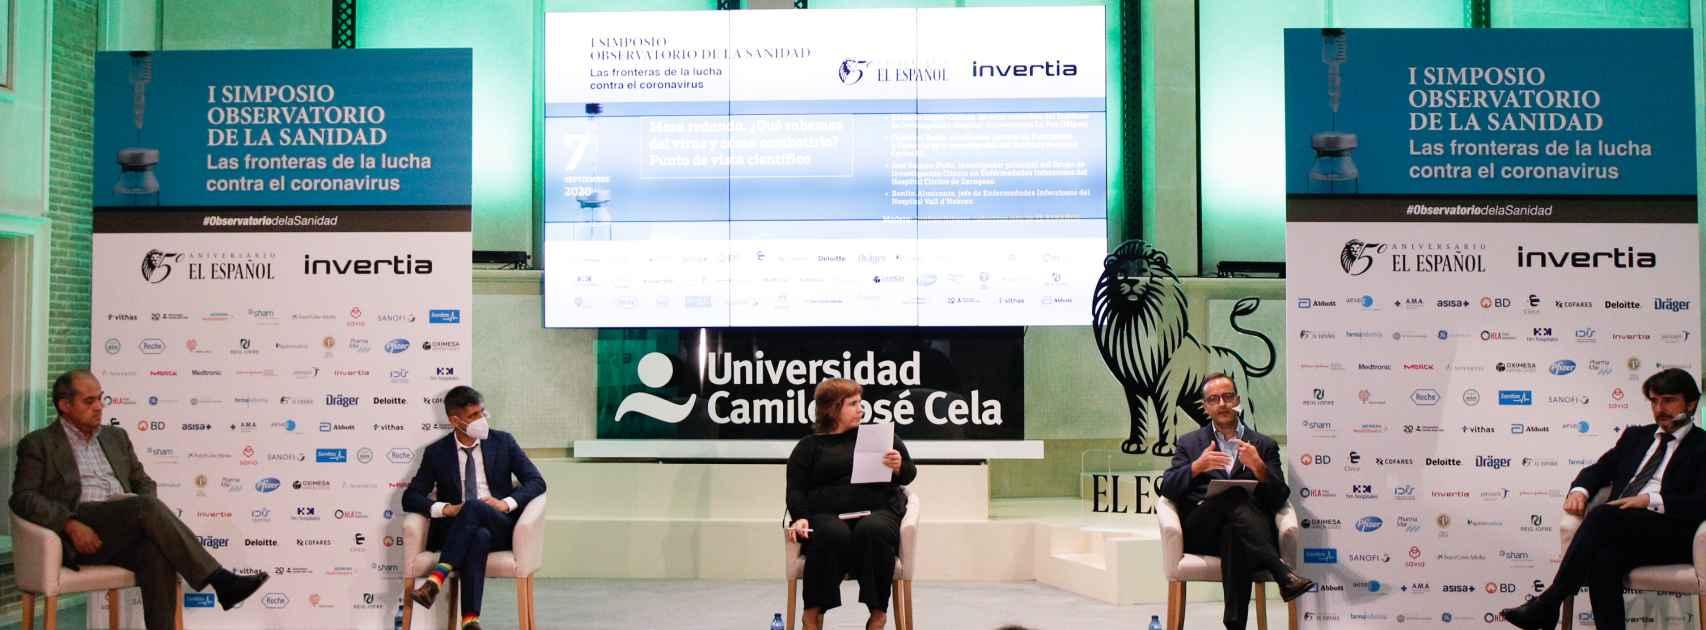 Benito Almirante, Eduardo López-Collazo, Ainhoa Iriberri, José Ramón Paño y Cristóbal Belda durante la mesa '¿Qué sabemos del virus y cómo combatirlo? El punto de vista de los científicos'.